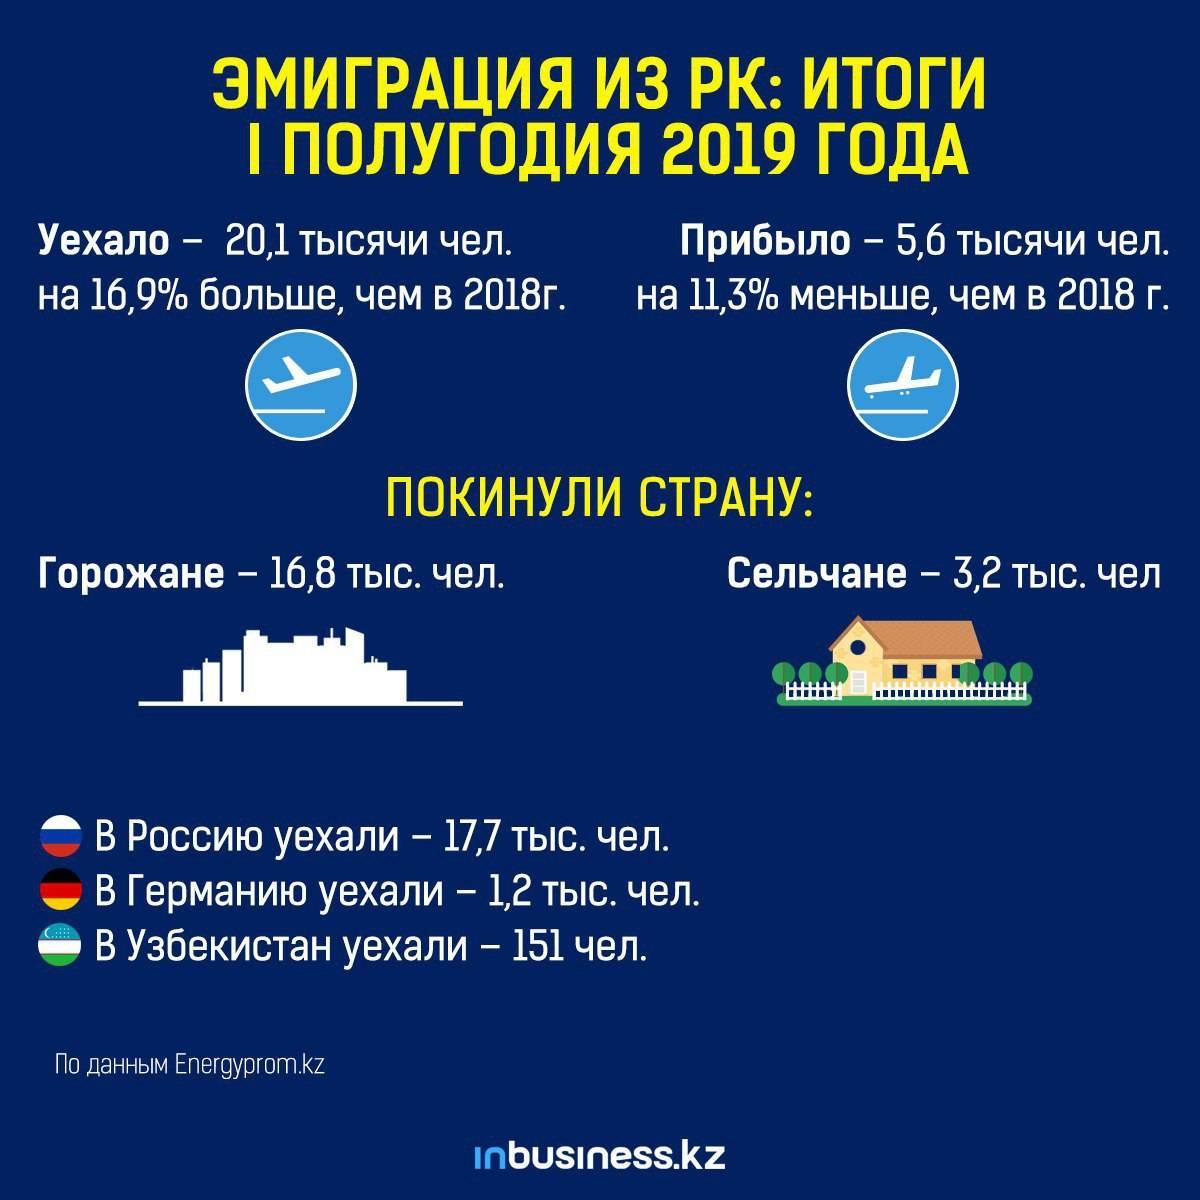 Как переехать в абхазию на пмж: способы эмиграции из россии в 2021 году, отзывы